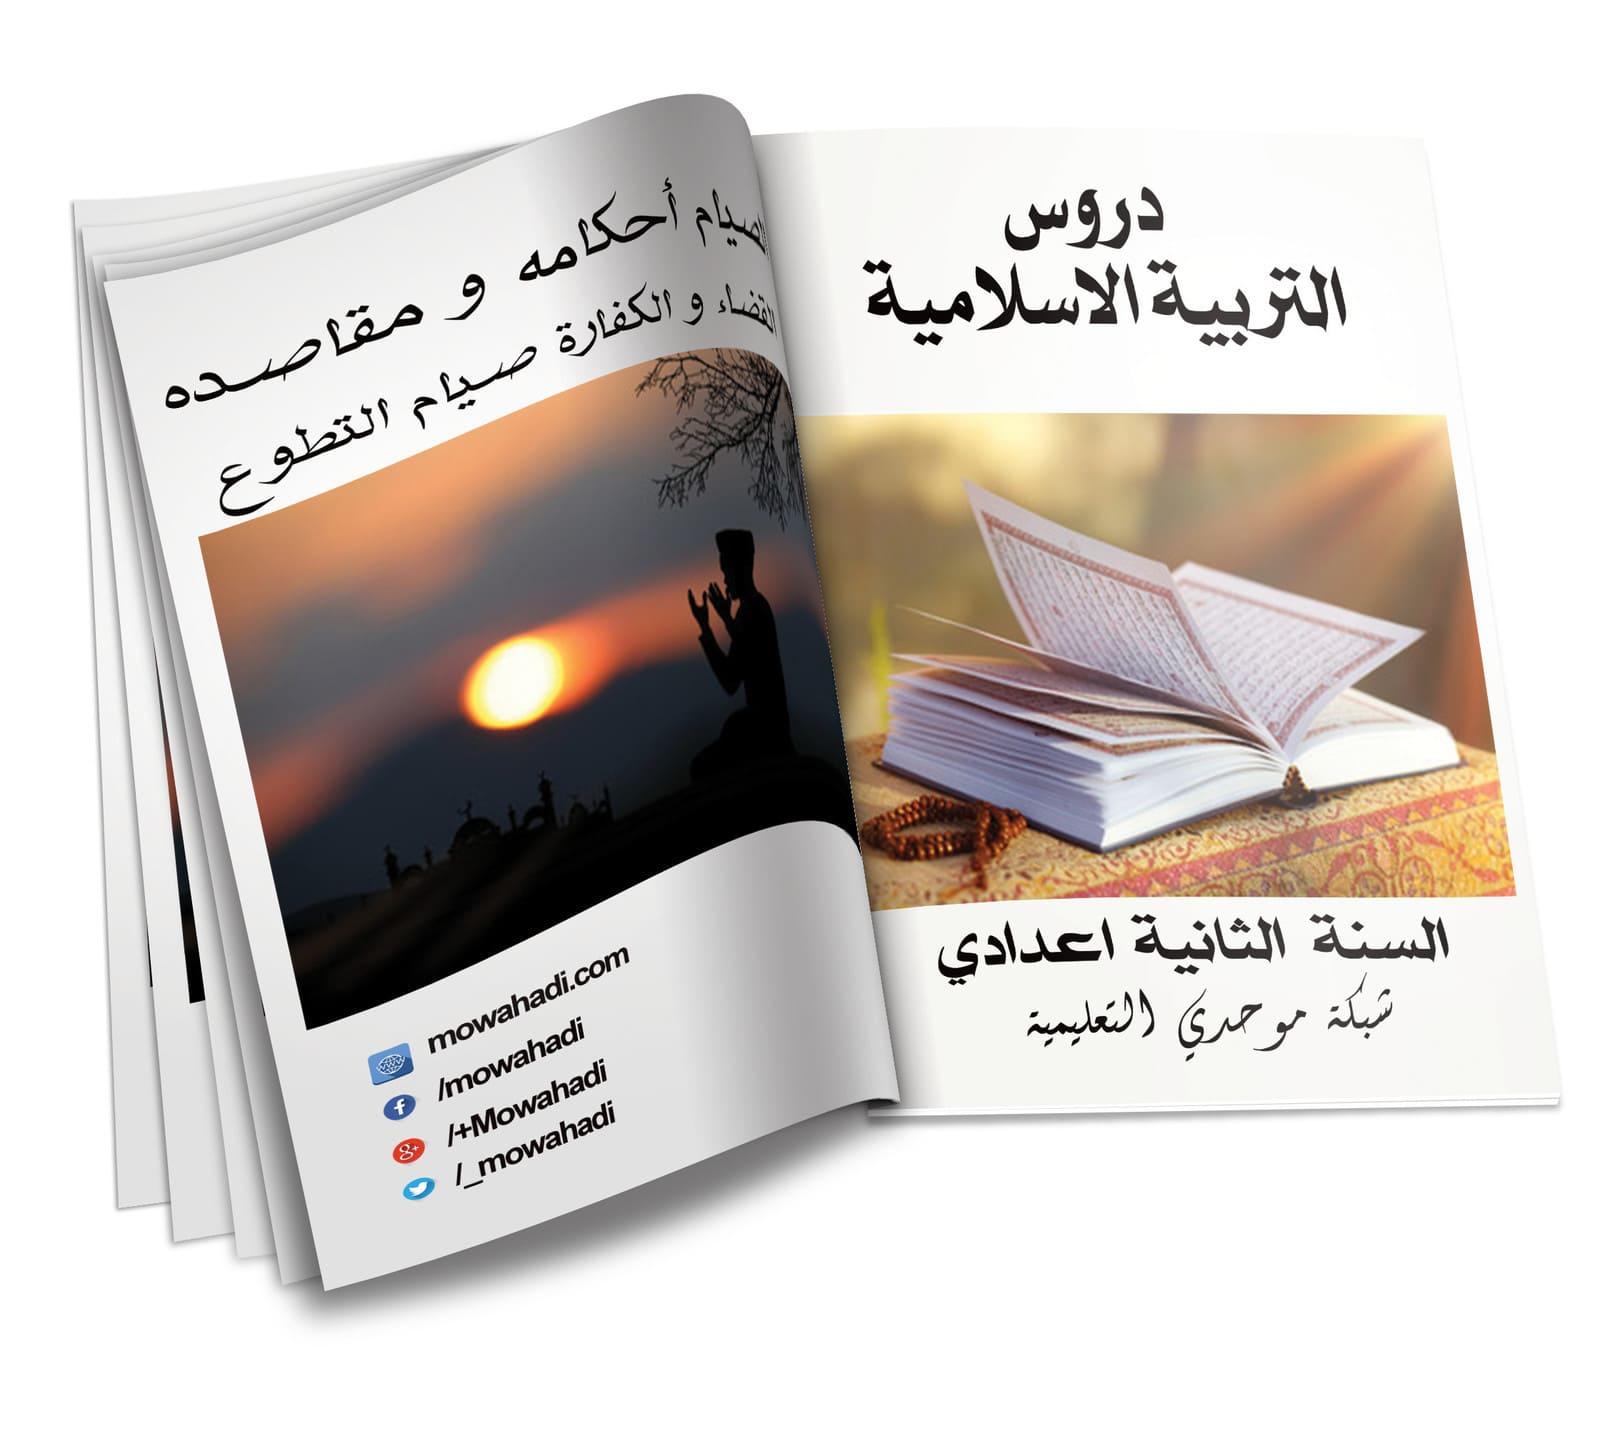 الصيام أحكامه ومقاصده : القضاء والكفارة ، صيام التطوع